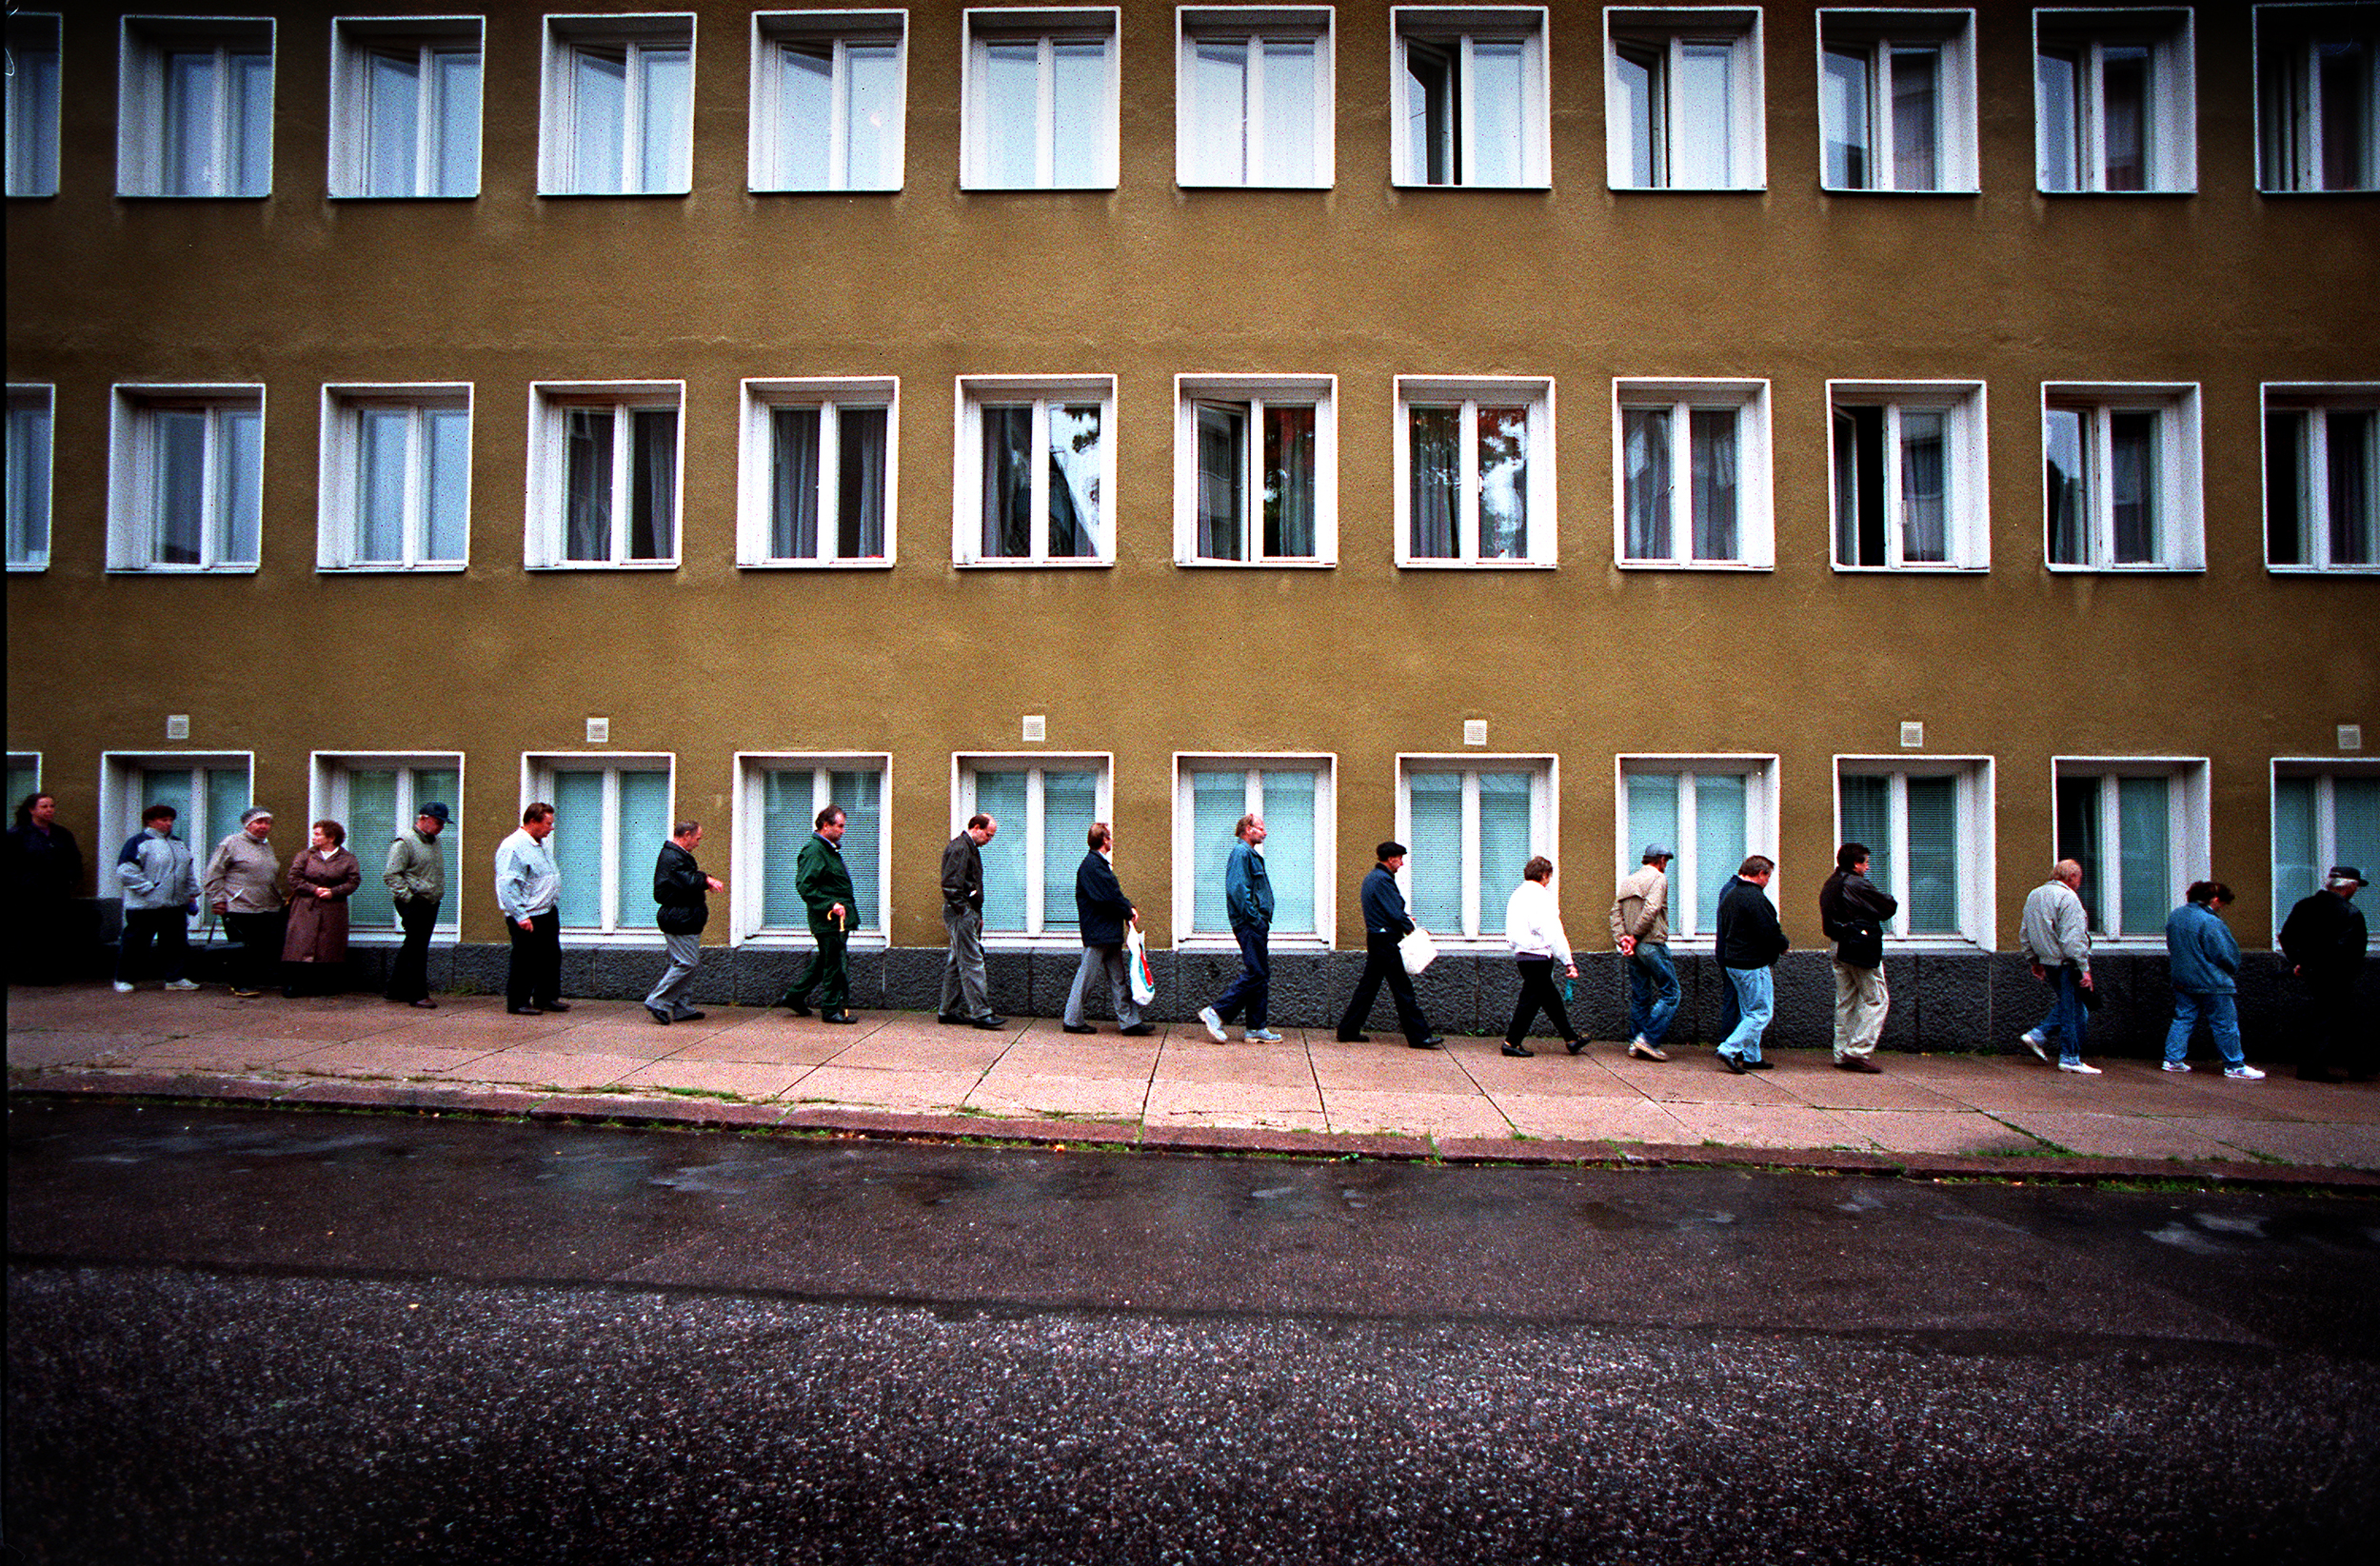 Pelastusarmeijan leipäjono , Helsinki, Suomi 1997